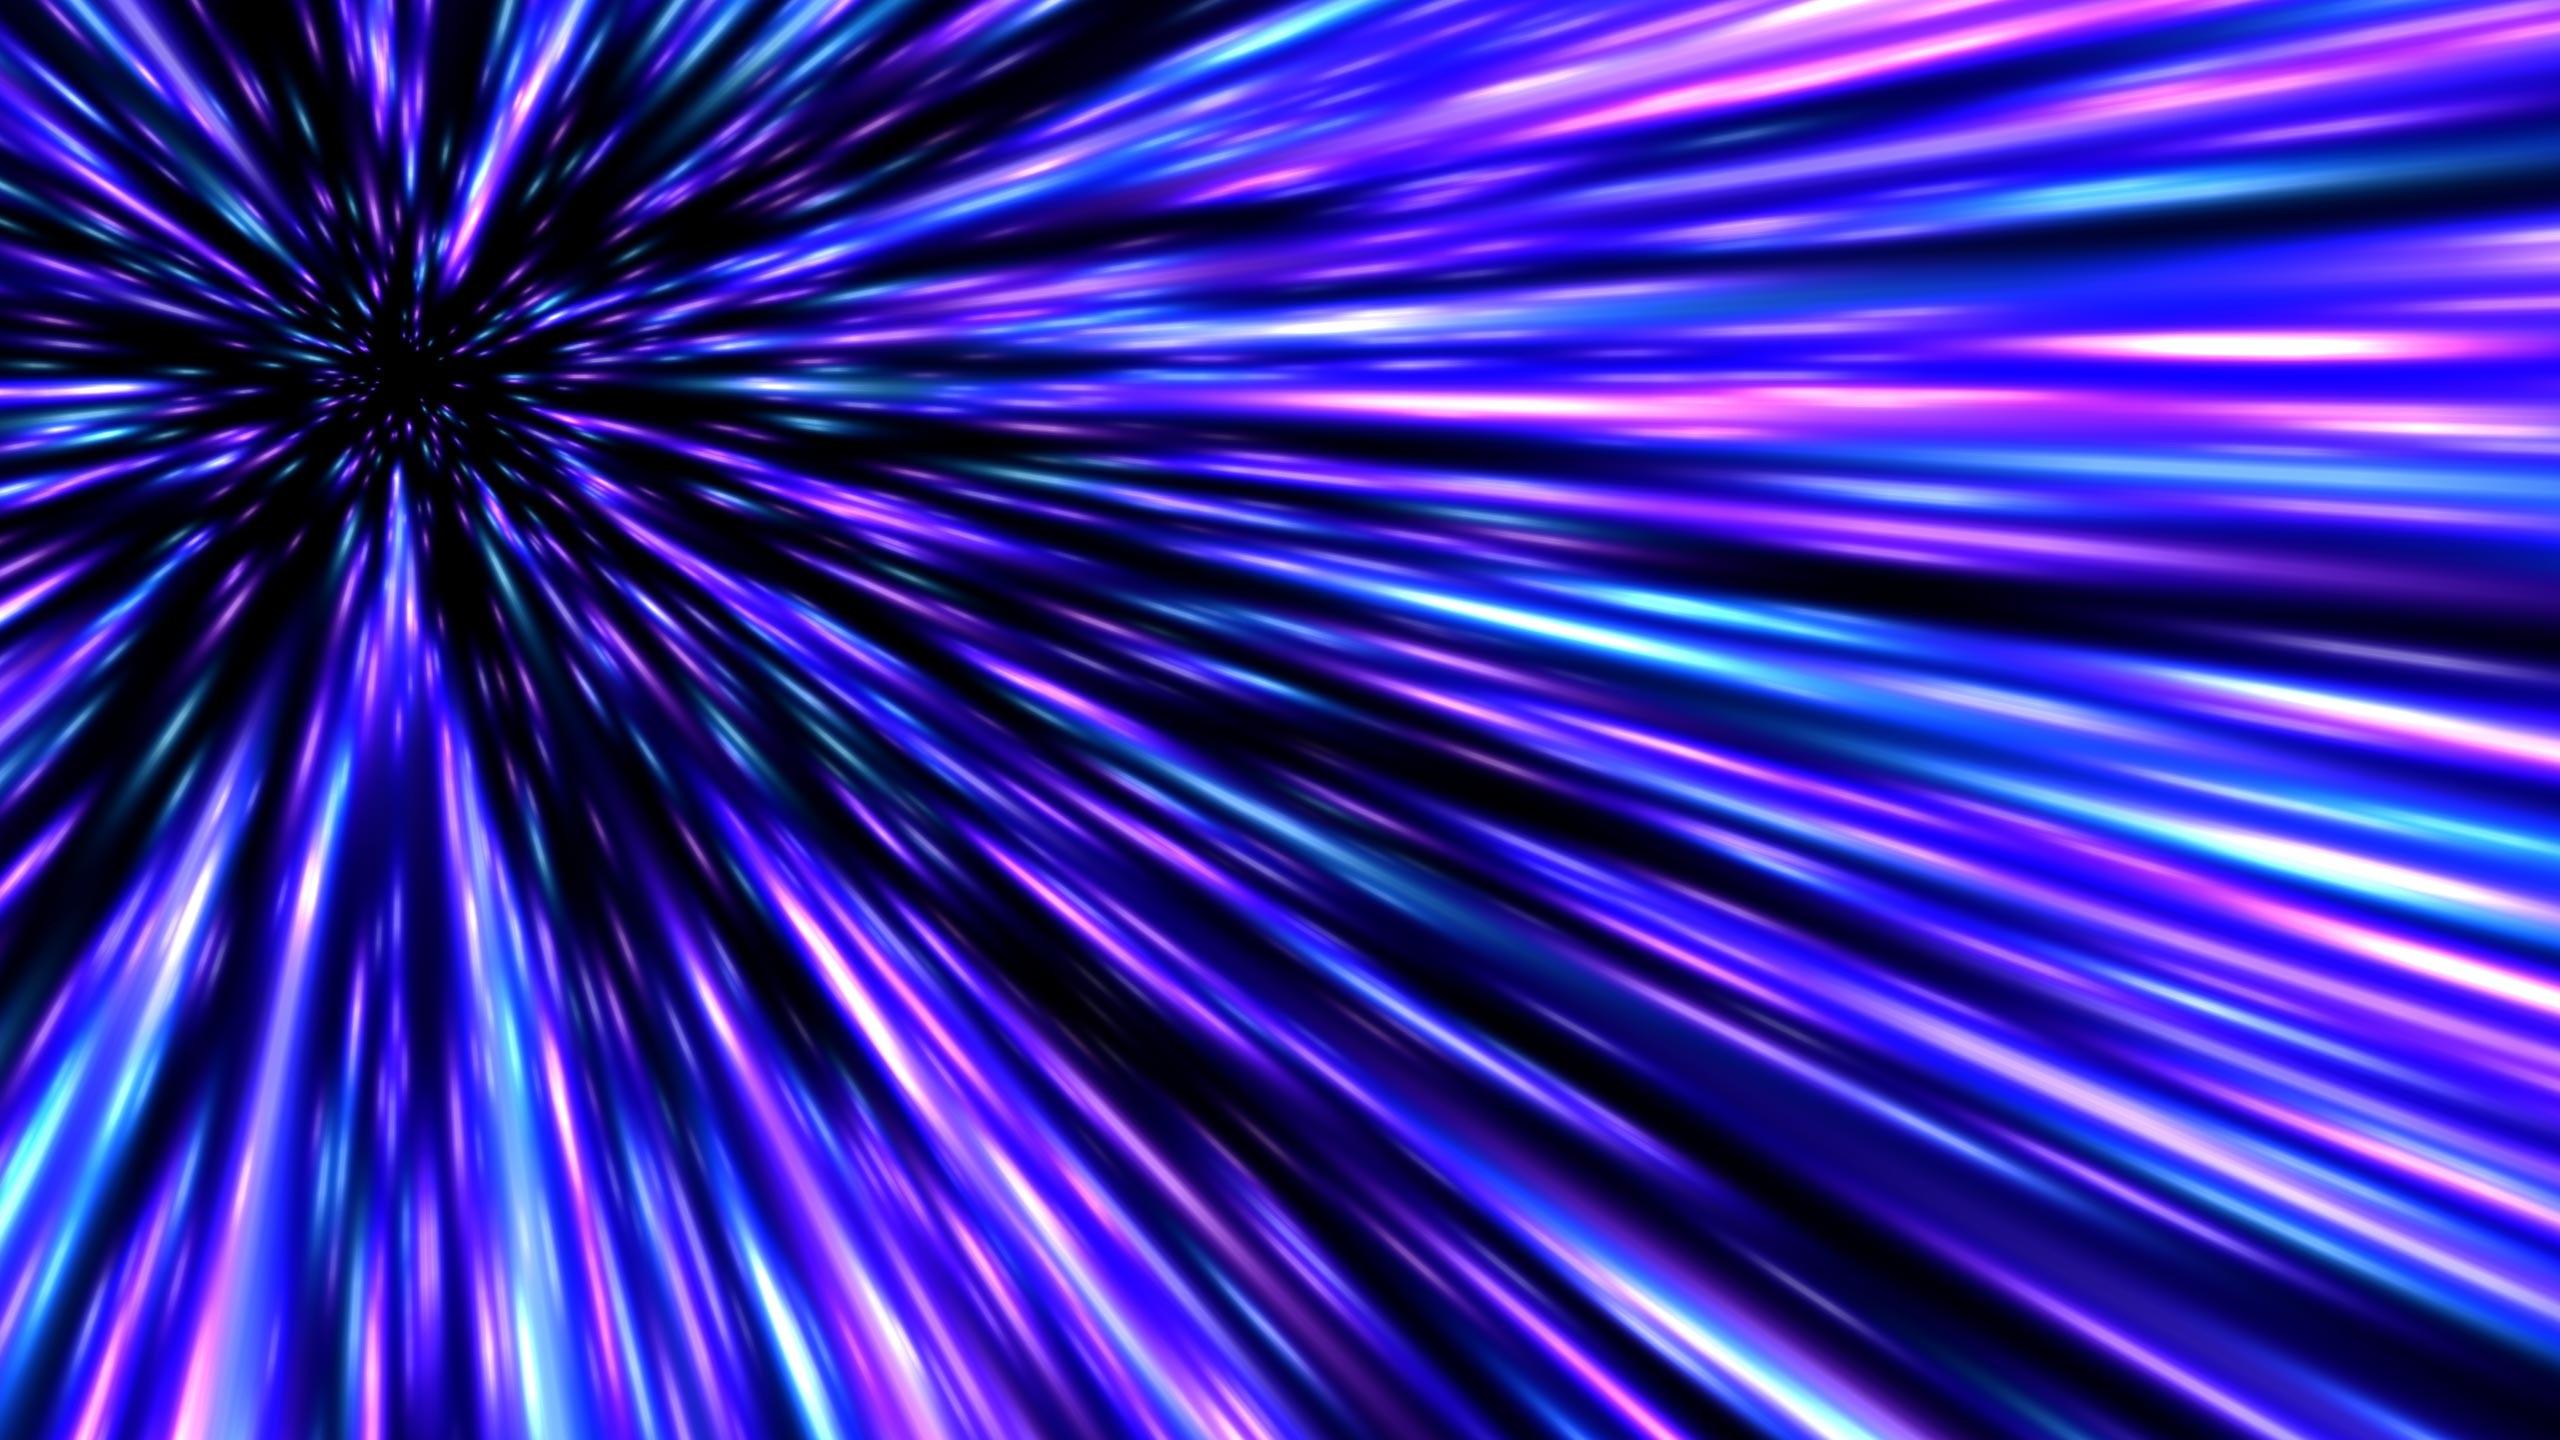 Hd 3d Live Motion Wallpaper 46 Images